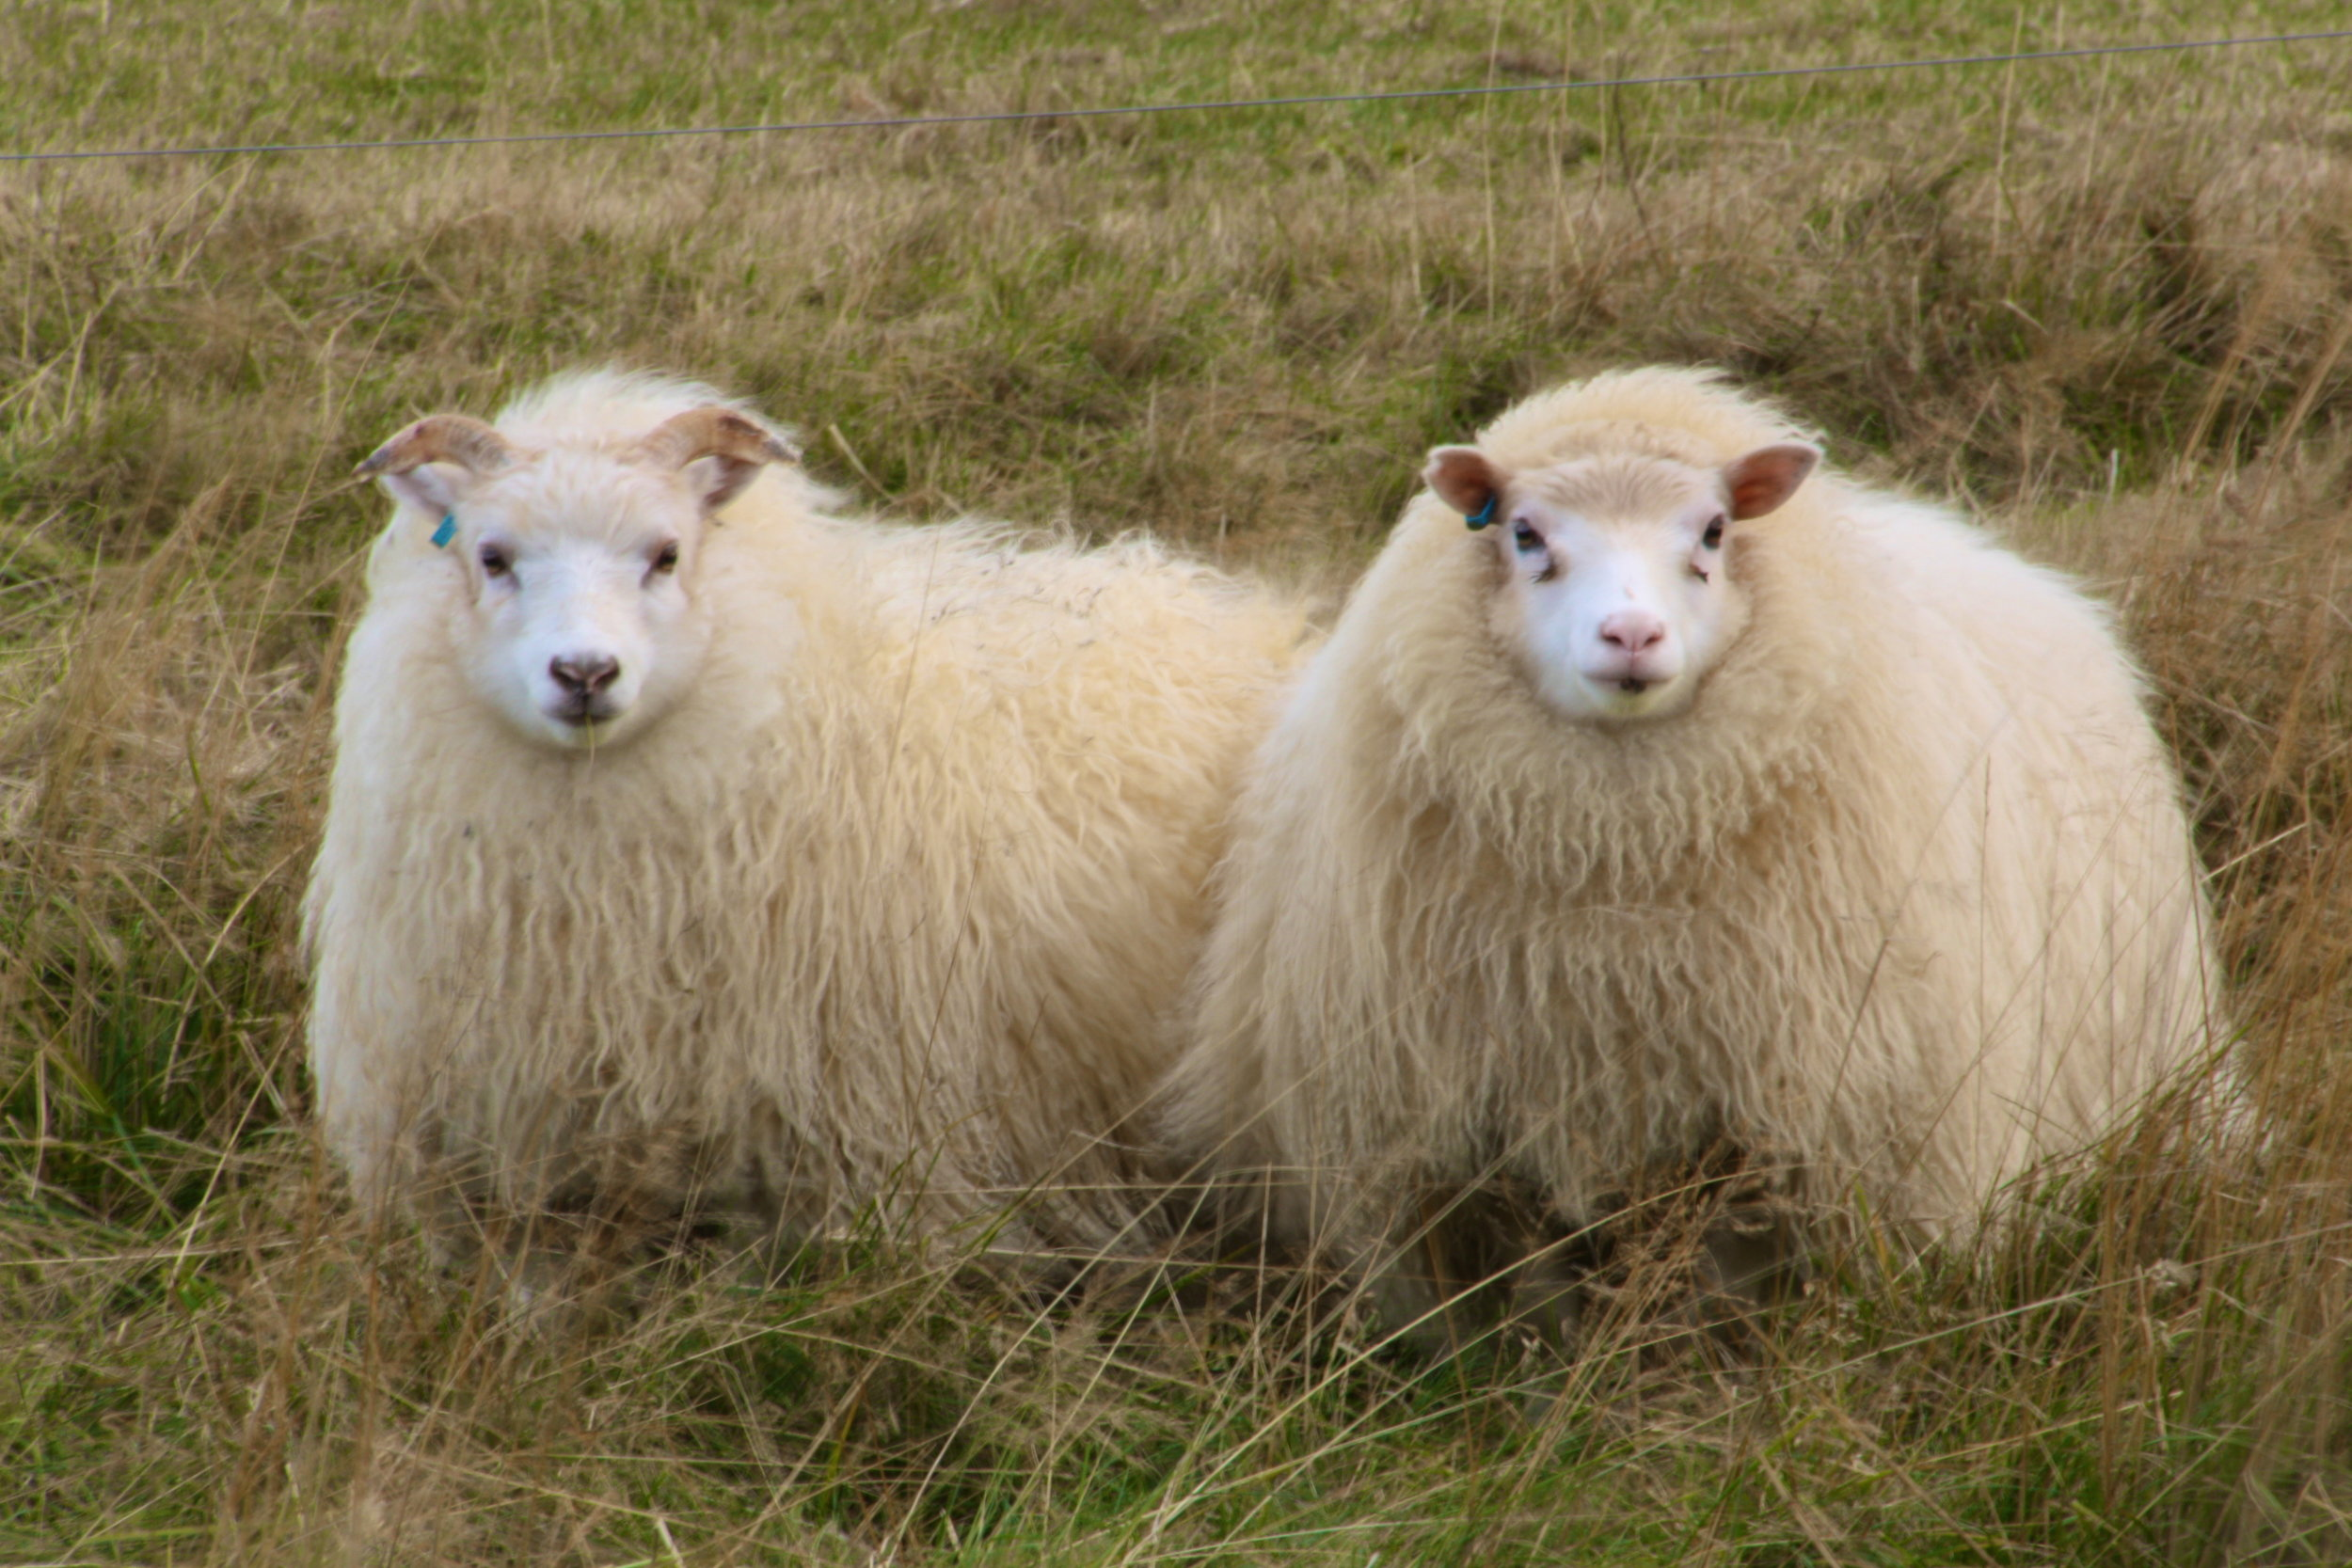 photo courtesy of woolmakerlane.com